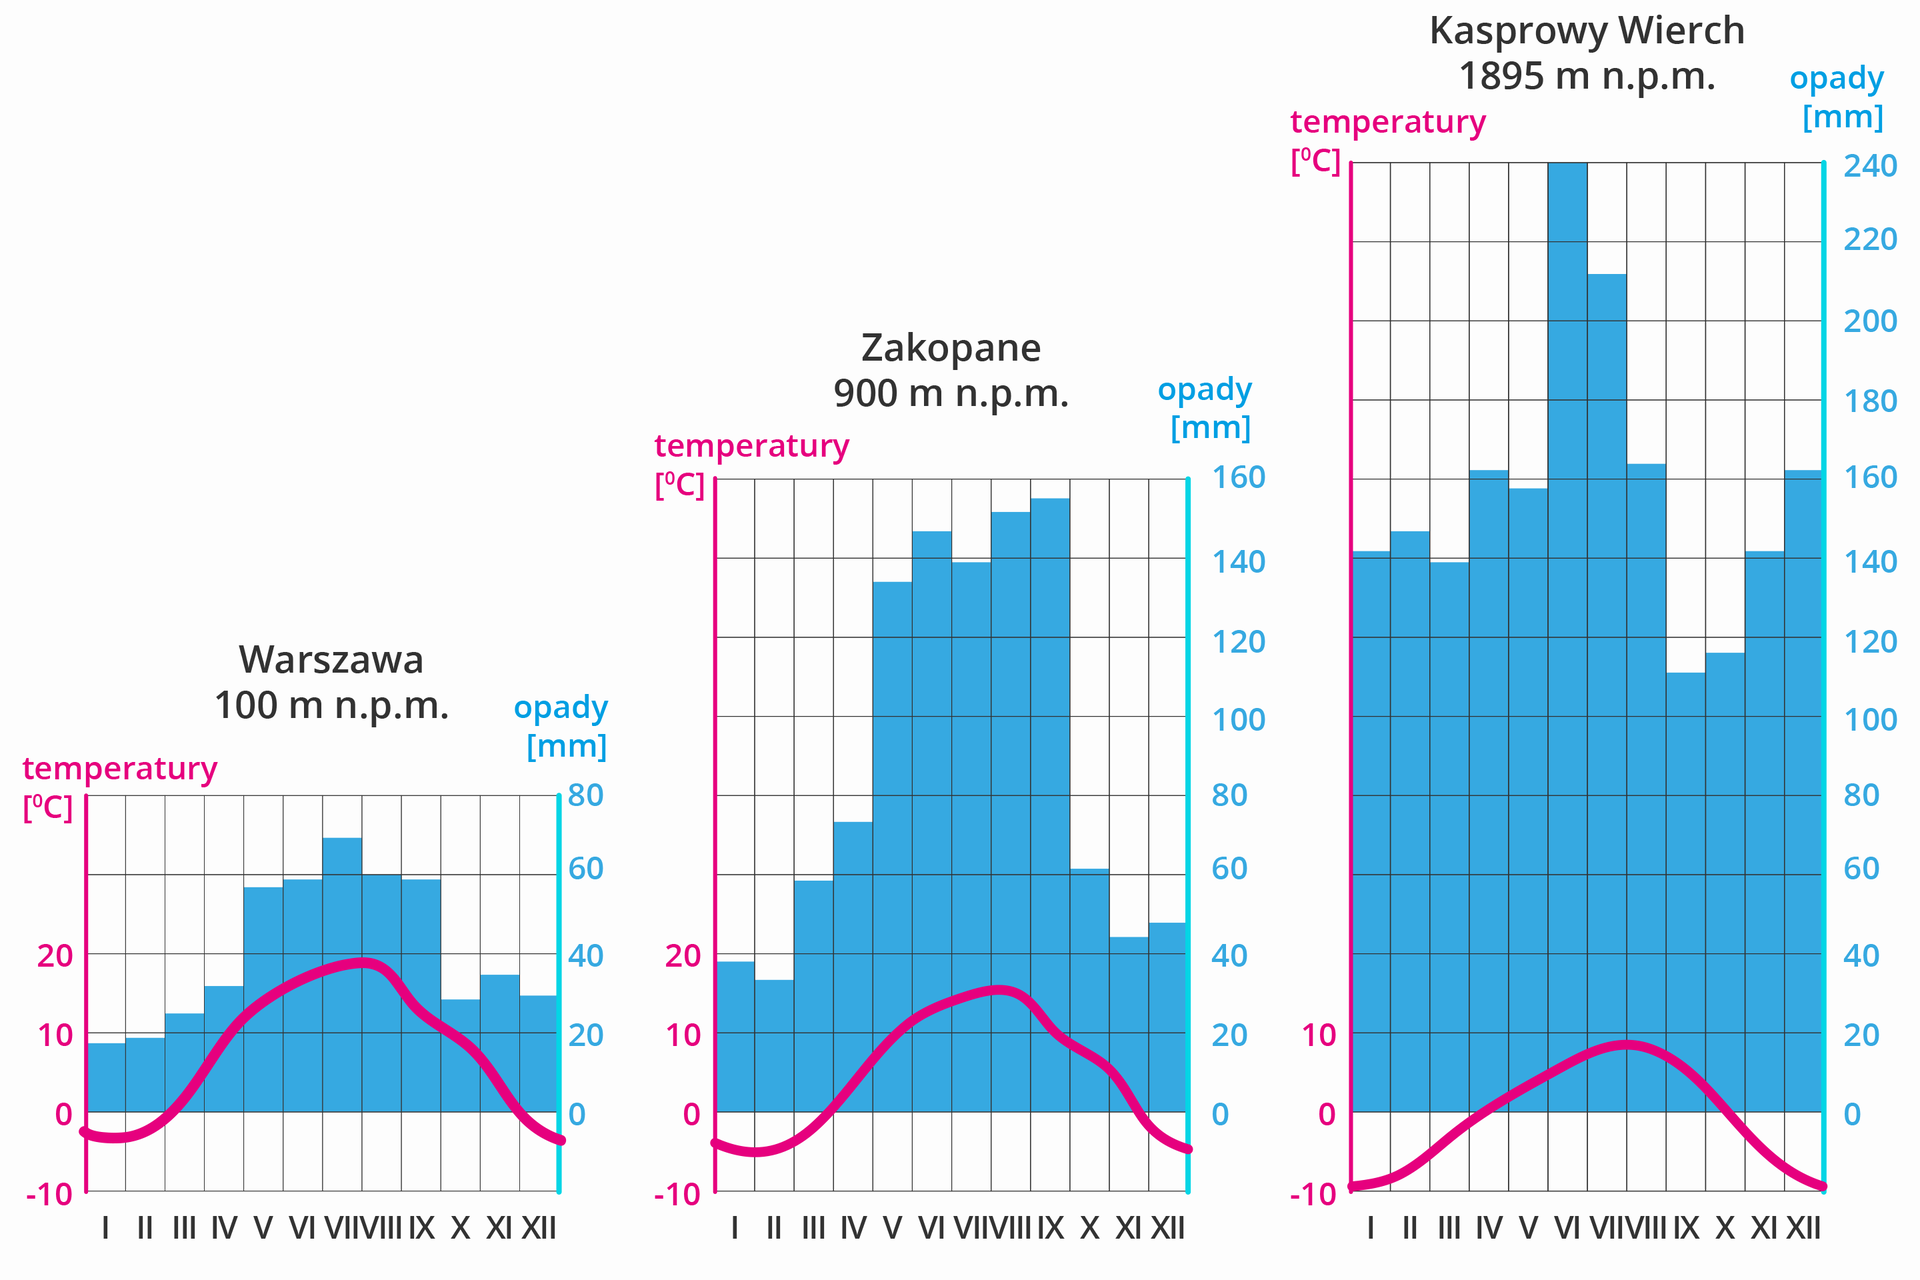 Grafika przedstawiająca trzy wykresy klimatyczne dla Warszawy, Zakopanego iKasprowego Wierchu.